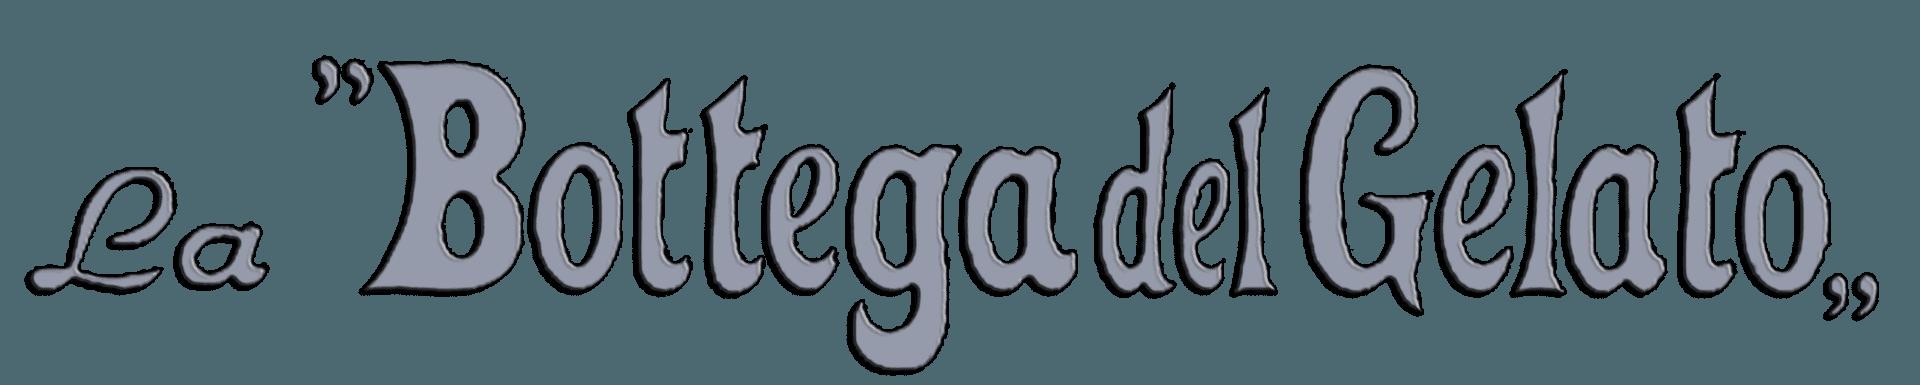 LA BOTTEGA DEL GELATO - LOGO